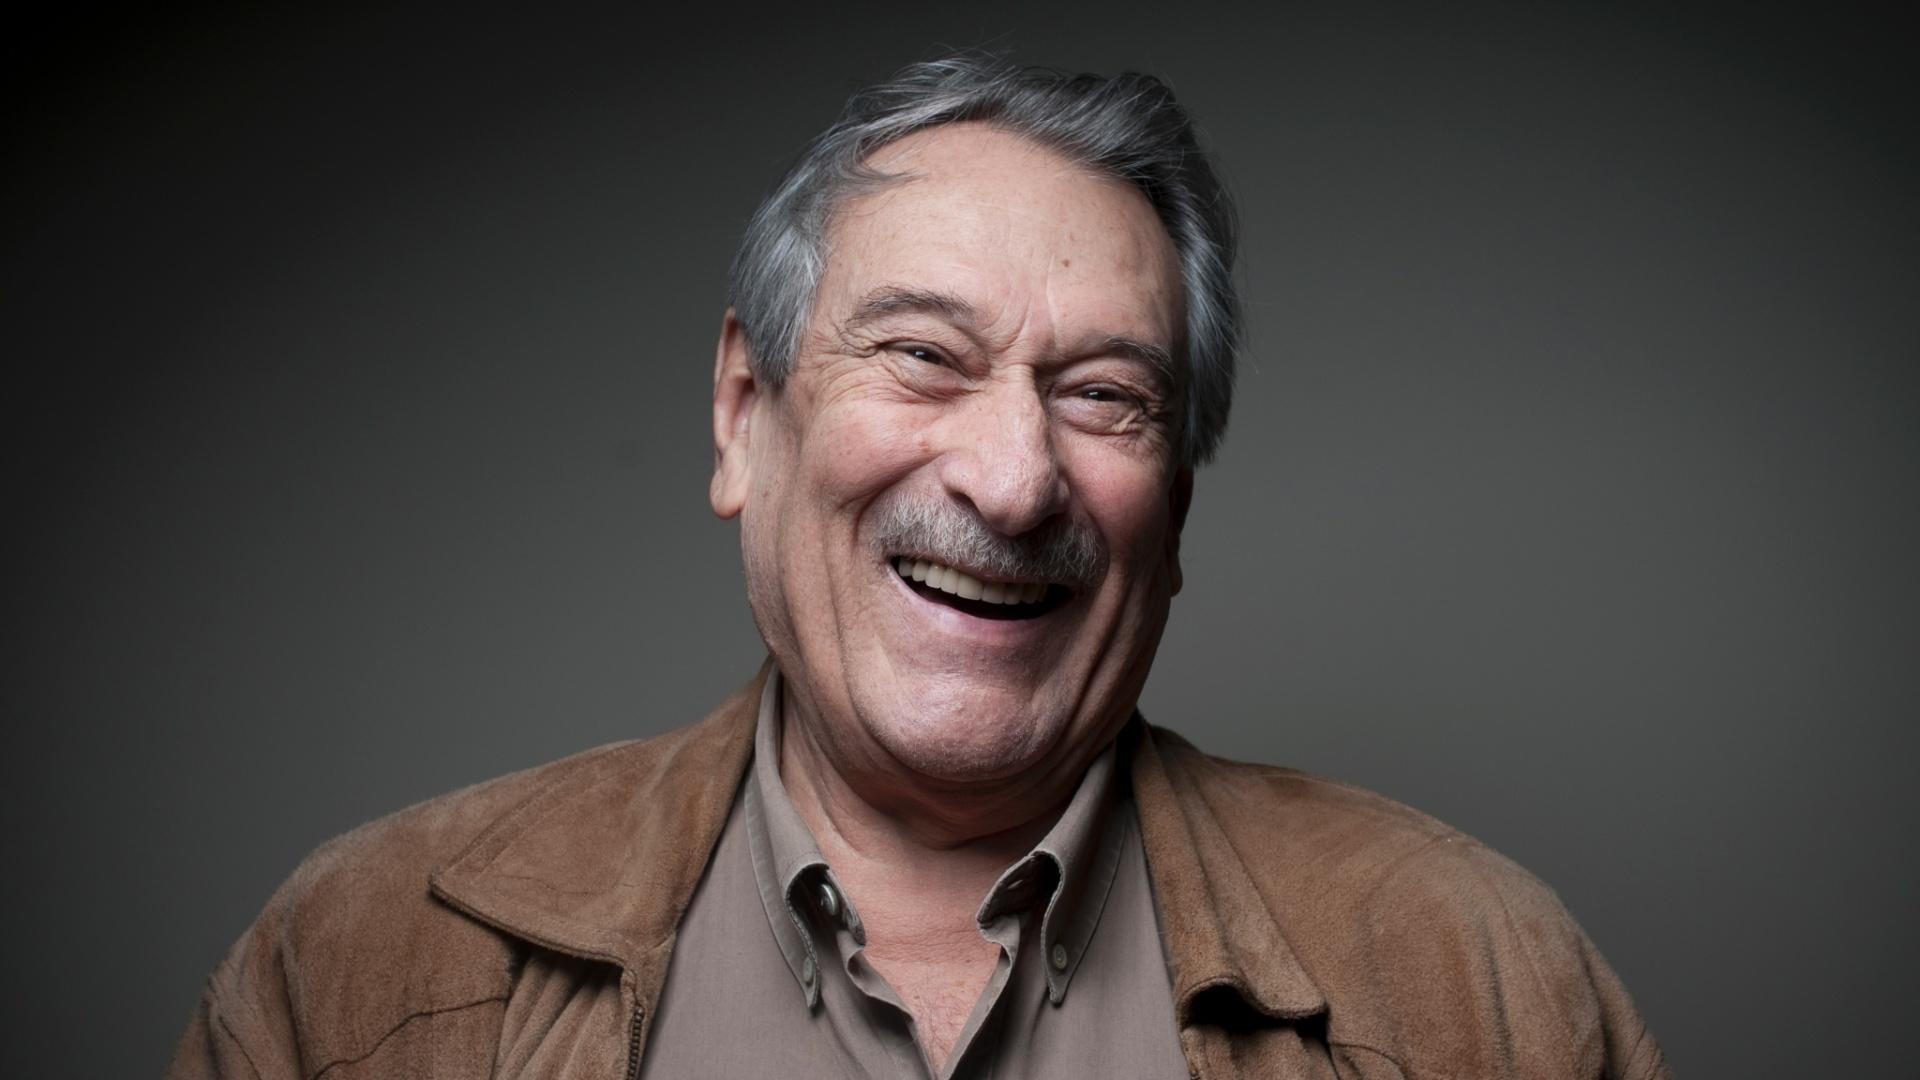 Ator Paulo Goulart morreu, aos 81 anos, em decorrência de um câncer, na cidade de São Paulo.